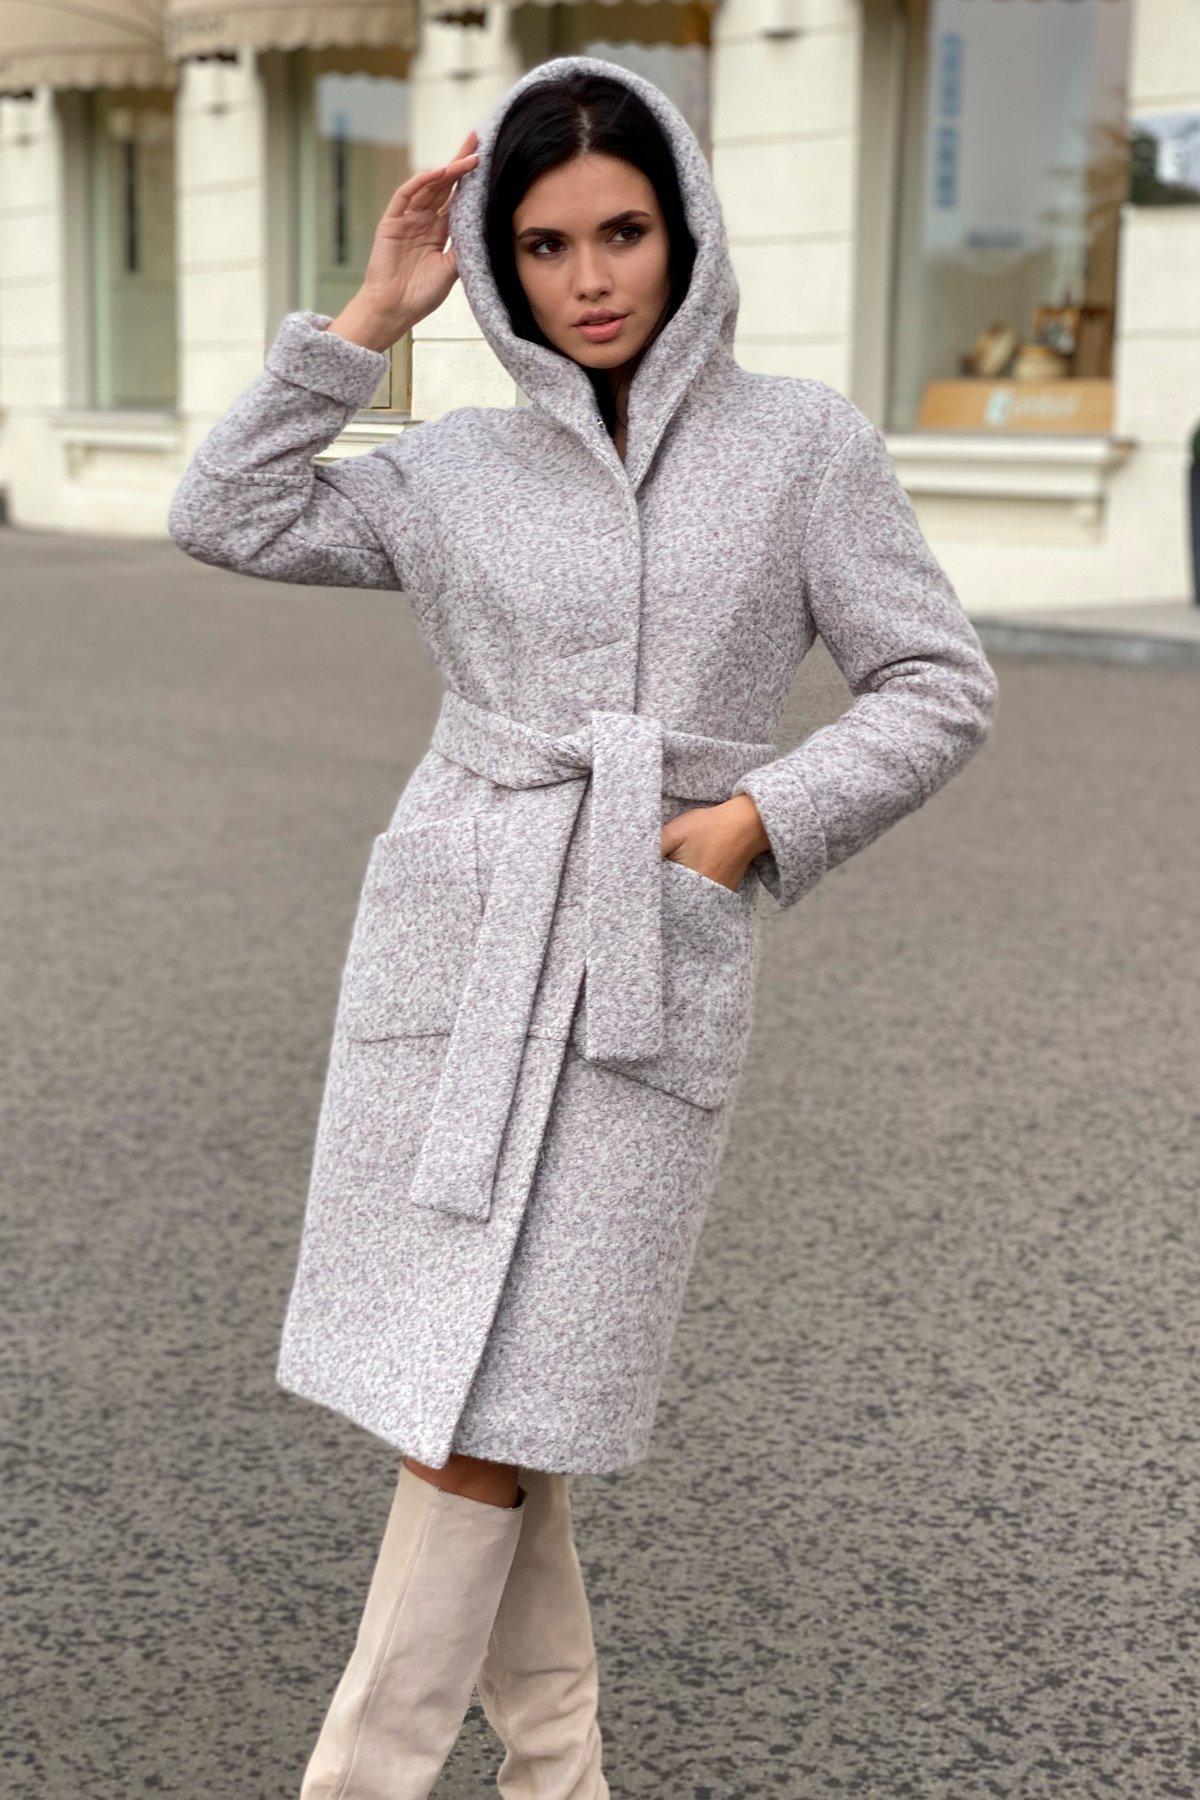 Пальто зима шерсть букле Анита 8320 АРТ. 44439 Цвет: Серый/бежевый 24 - фото 8, интернет магазин tm-modus.ru